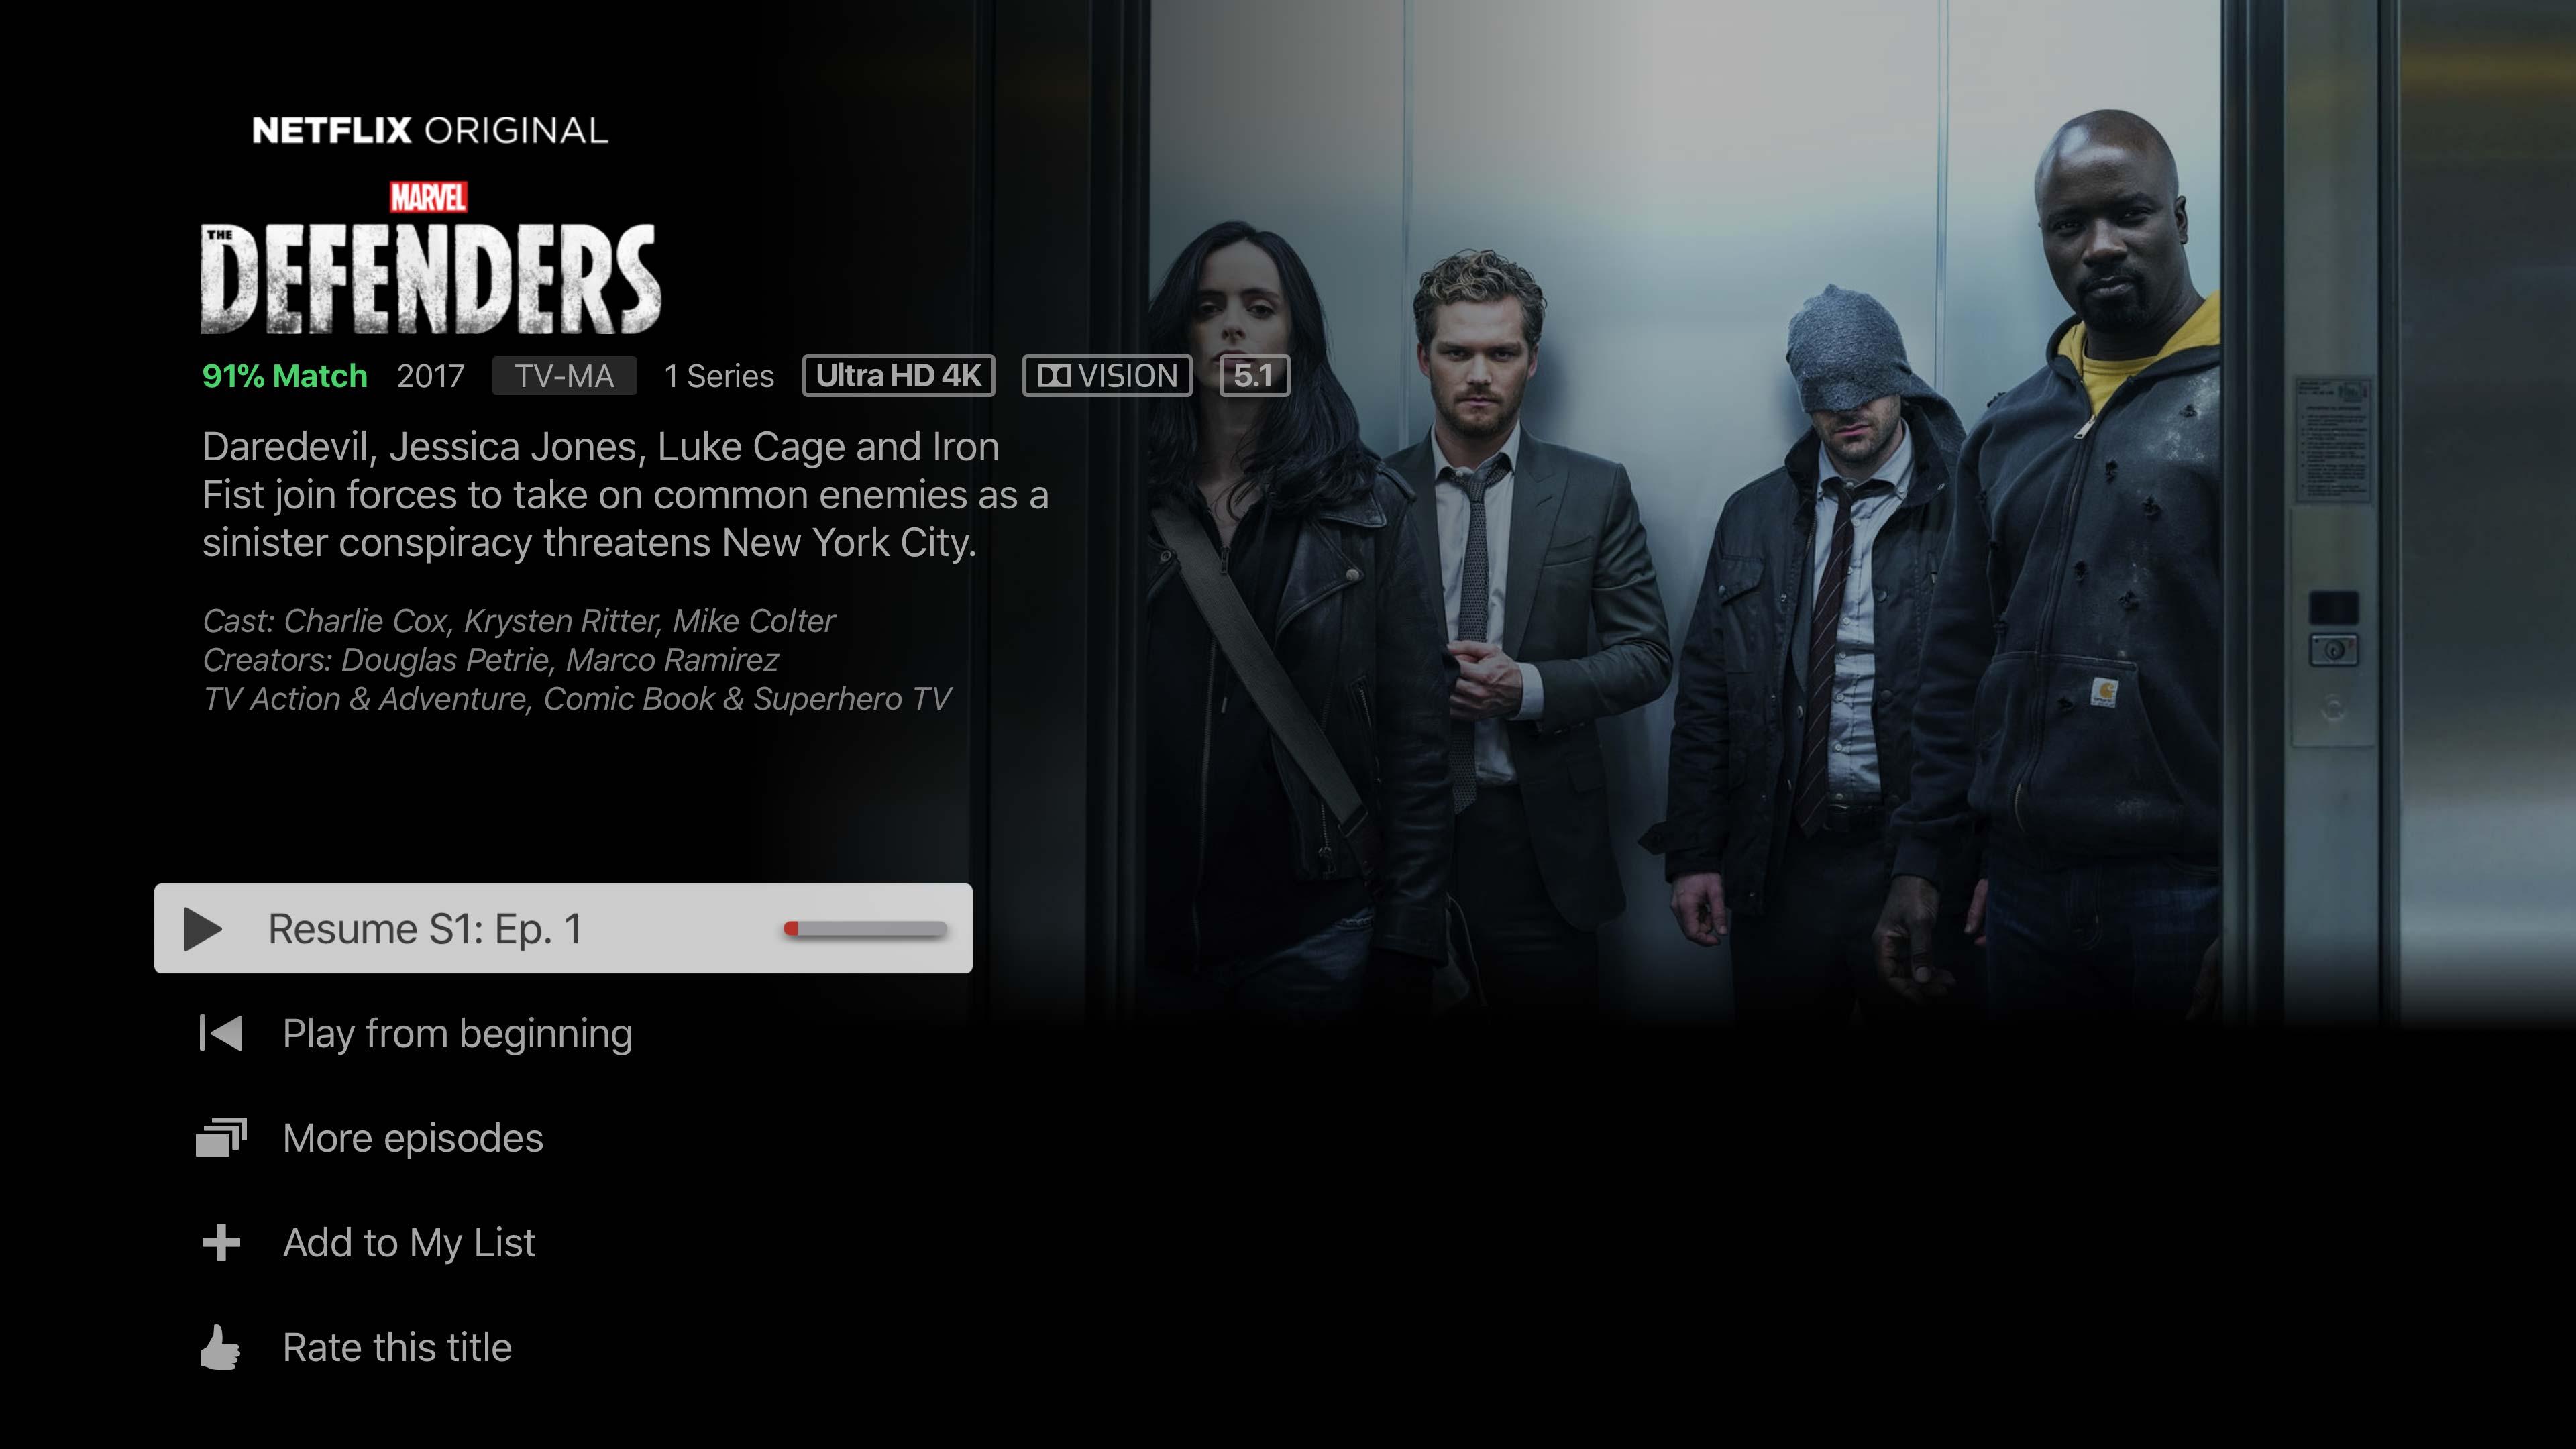 Apple TV 4K Defenders Netflix screenshot